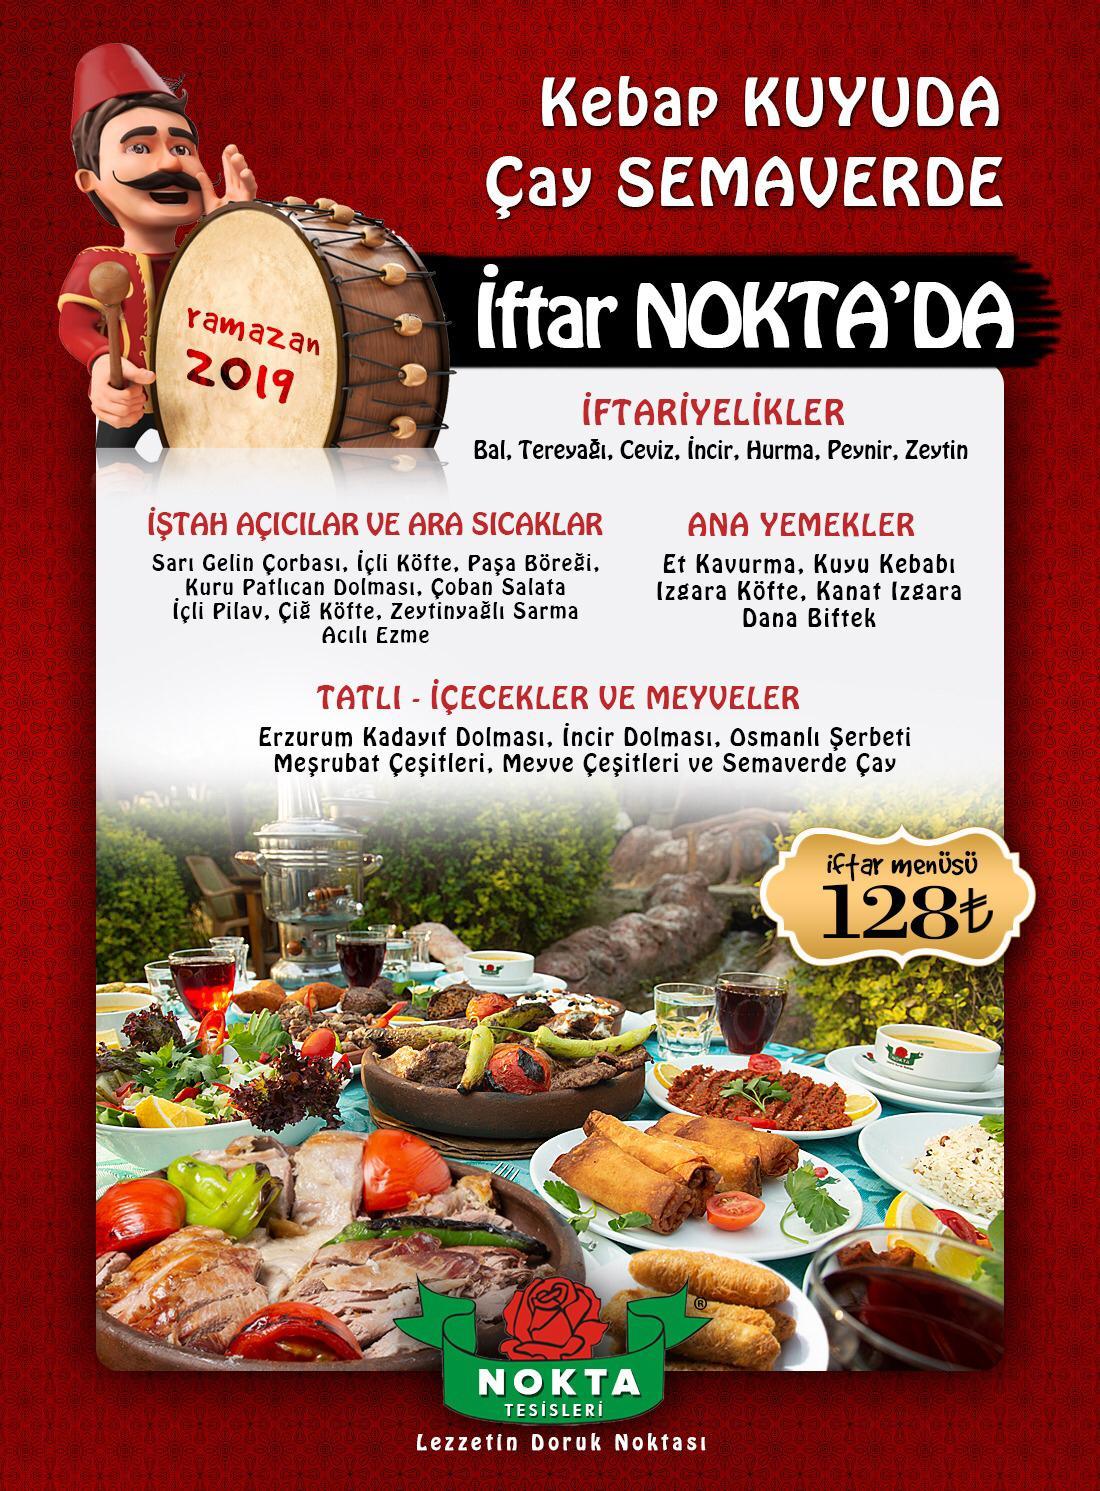 nokta tesisleri 2019 iftar menüsü